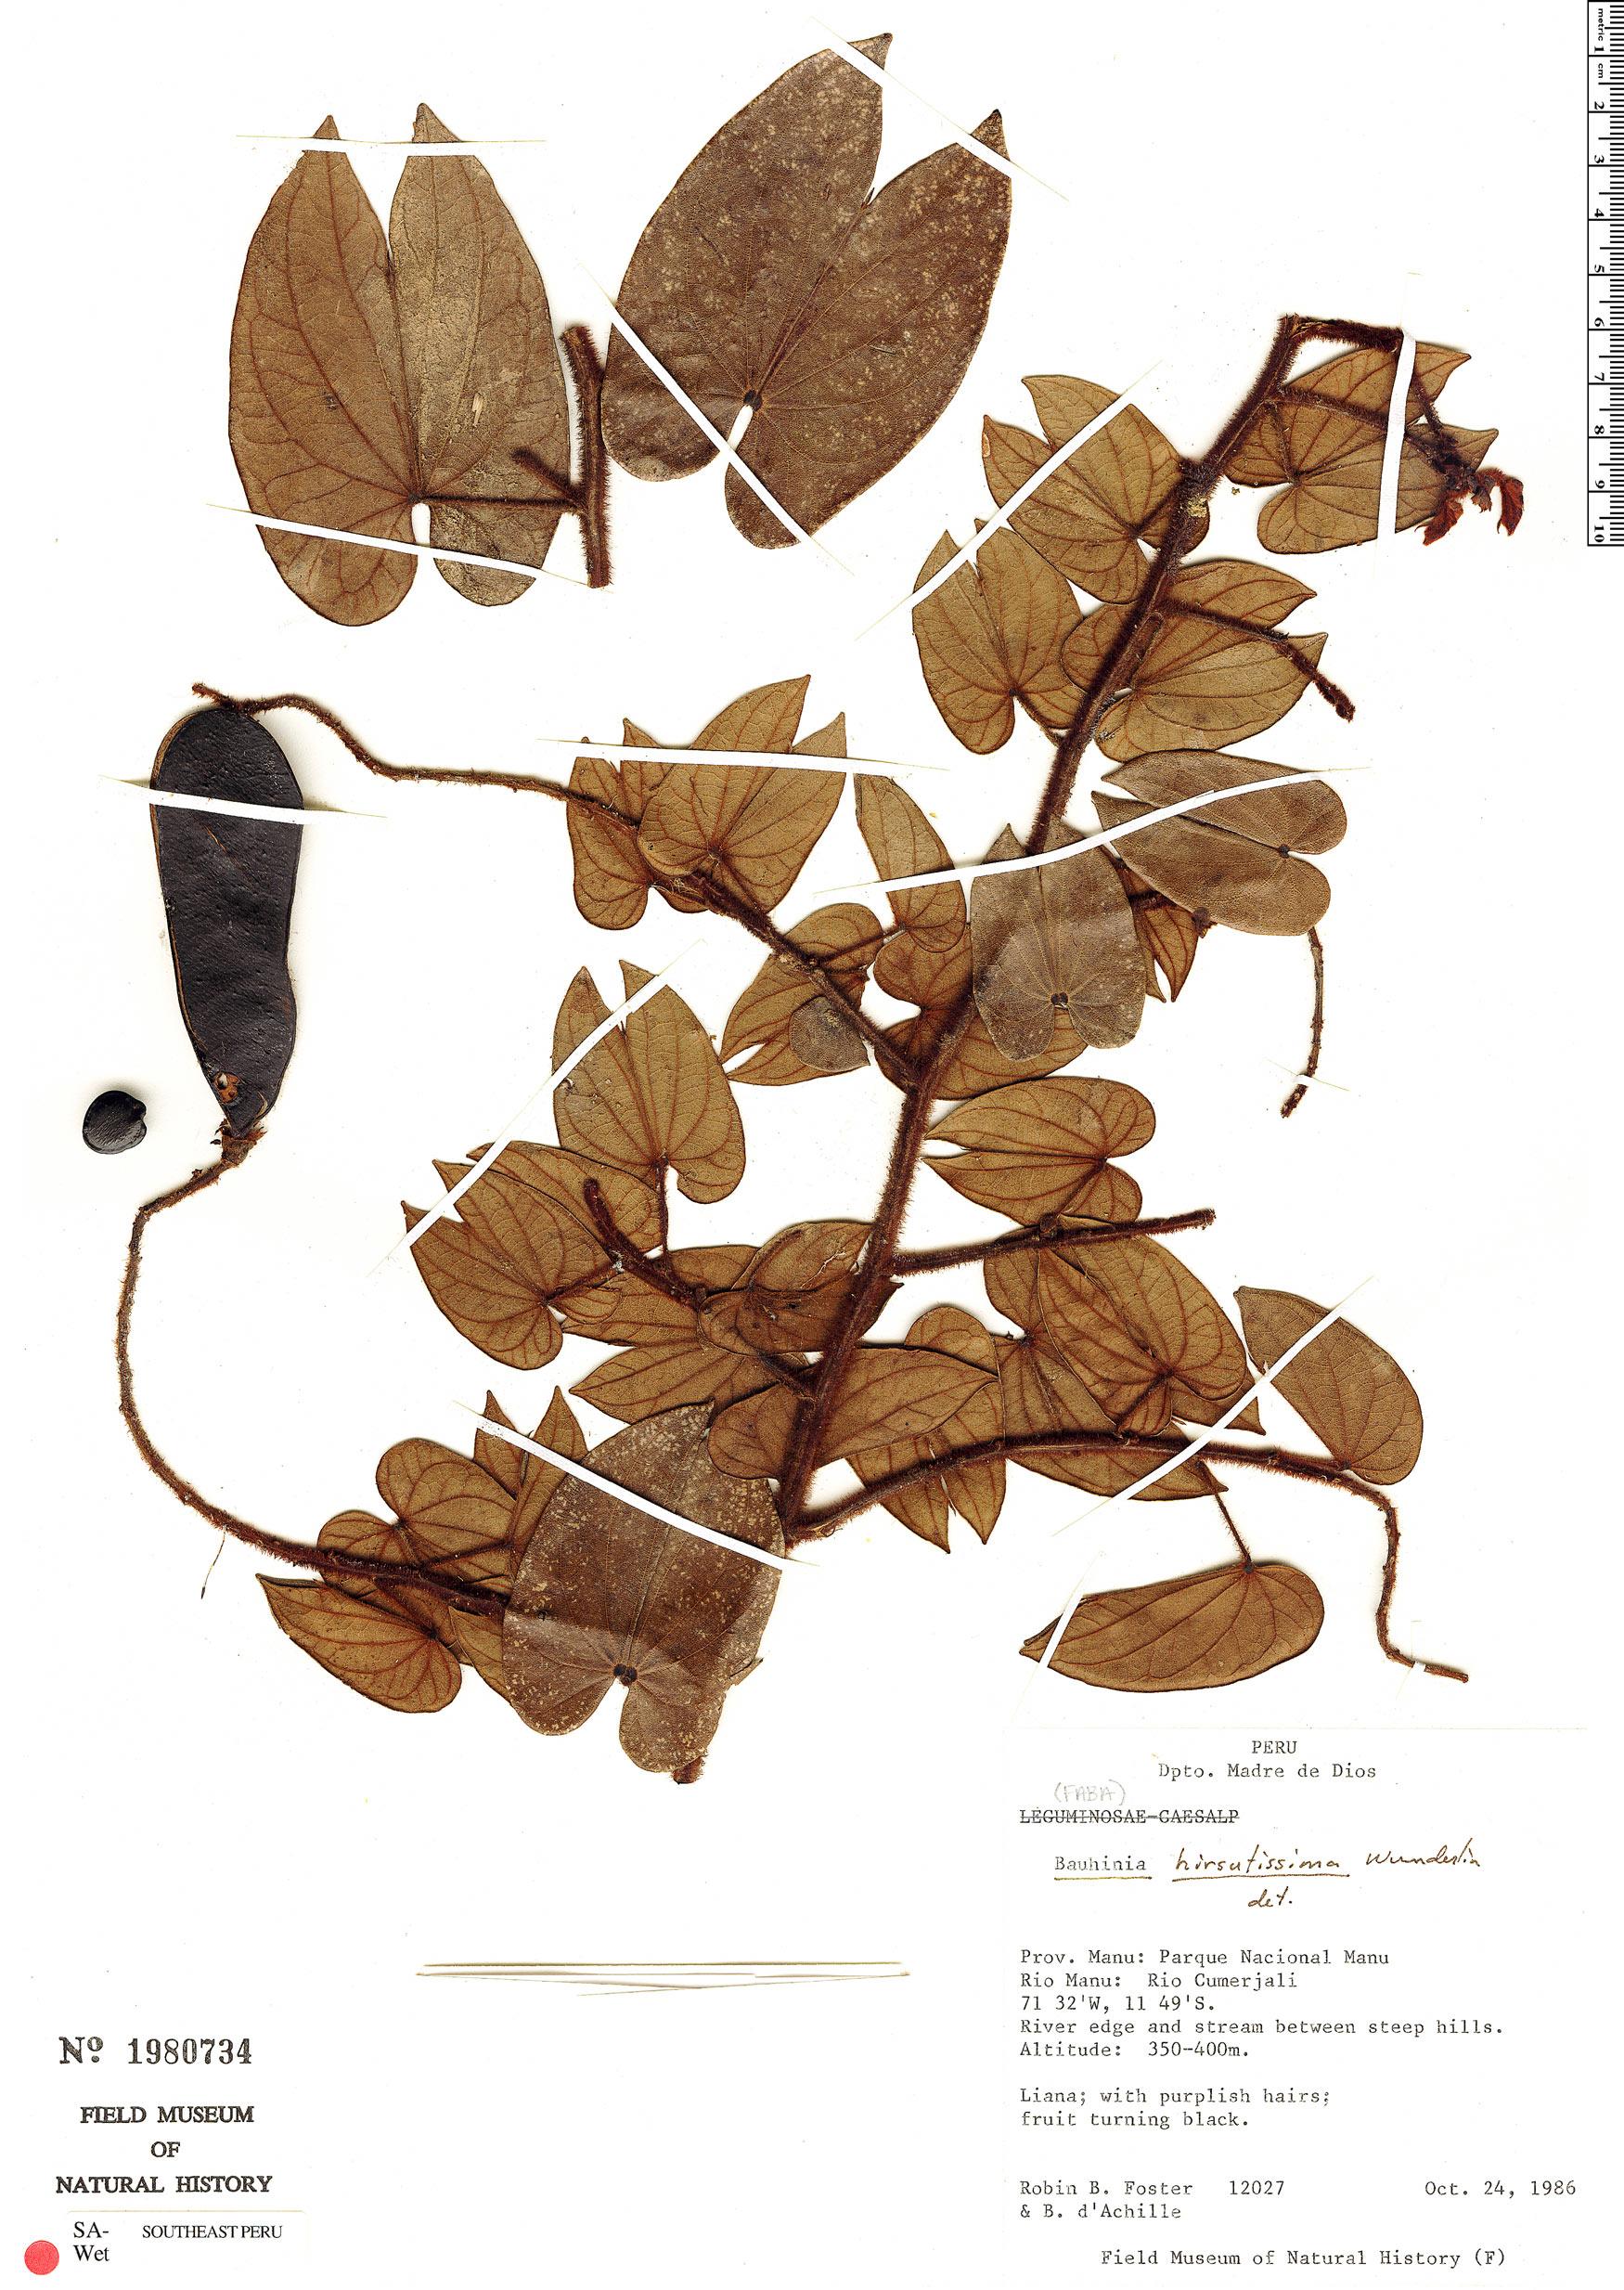 Specimen: Bauhinia hirsutissima